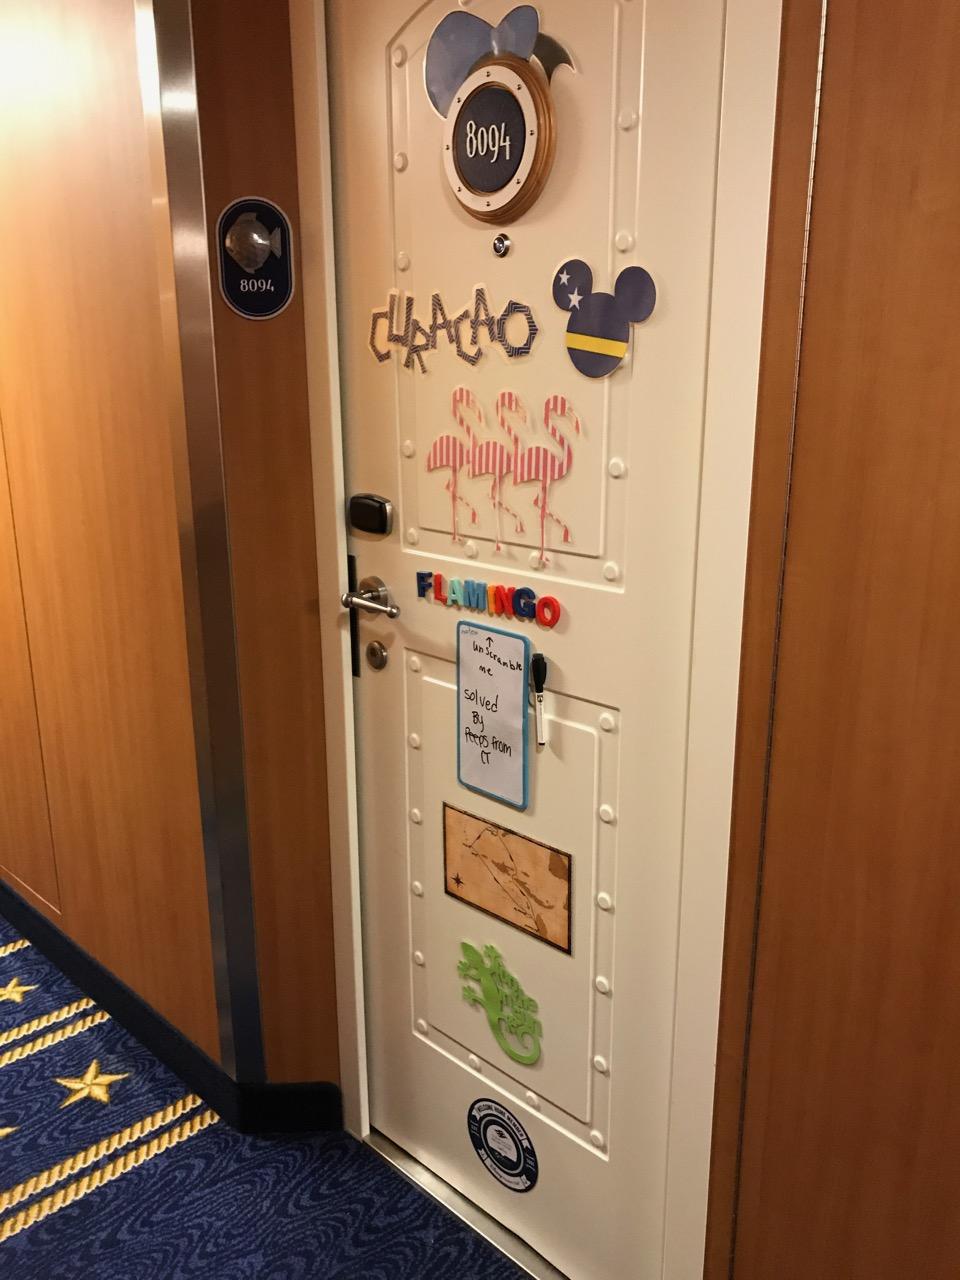 Disney Fantasy Curacao - Stateroom Door Decoration